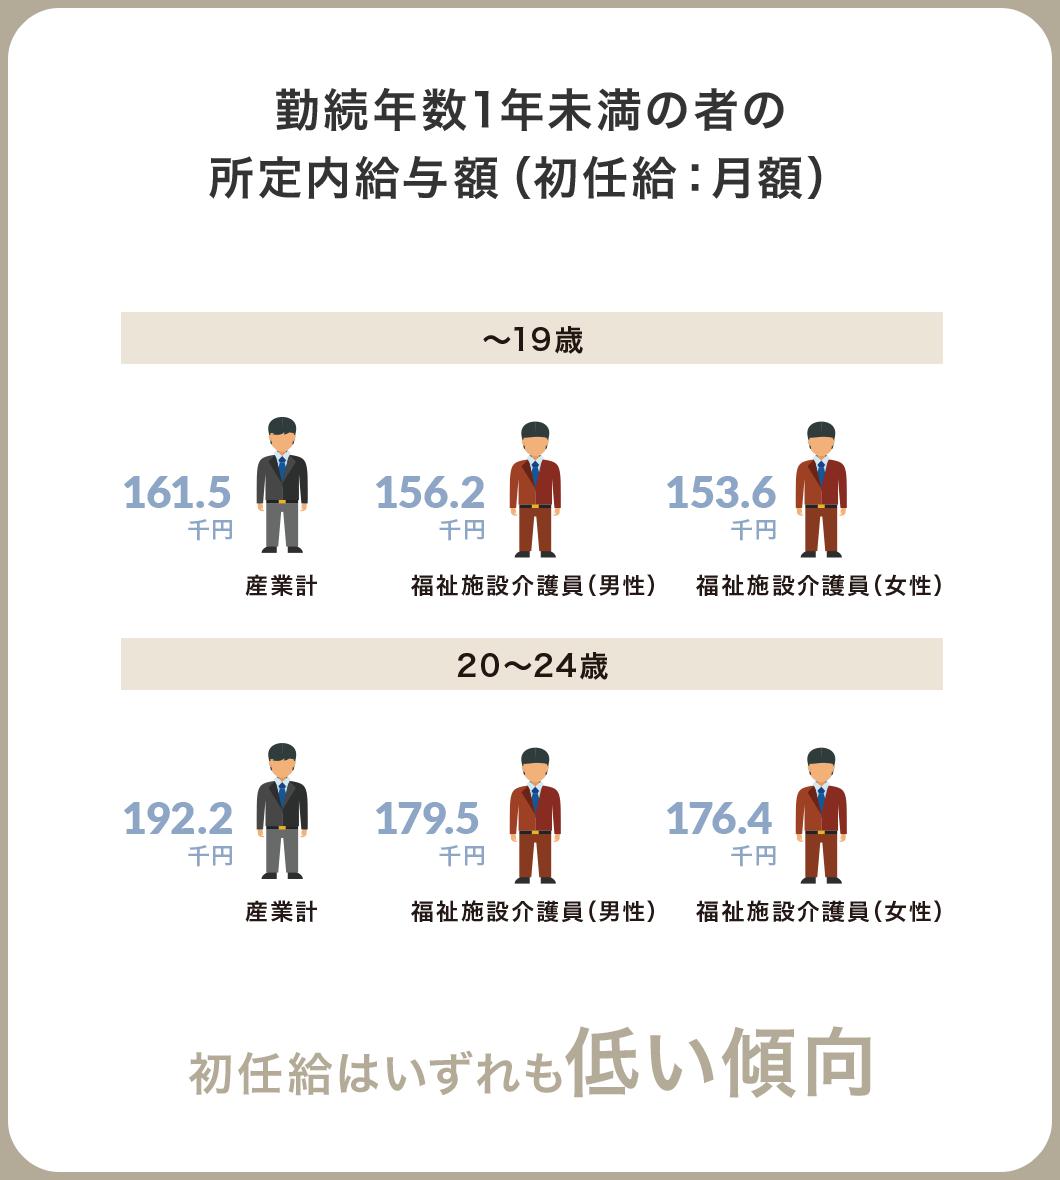 勤続年数1年未満の者の所定内給与額(初任給:月額) 初任給はいずれも低い傾向